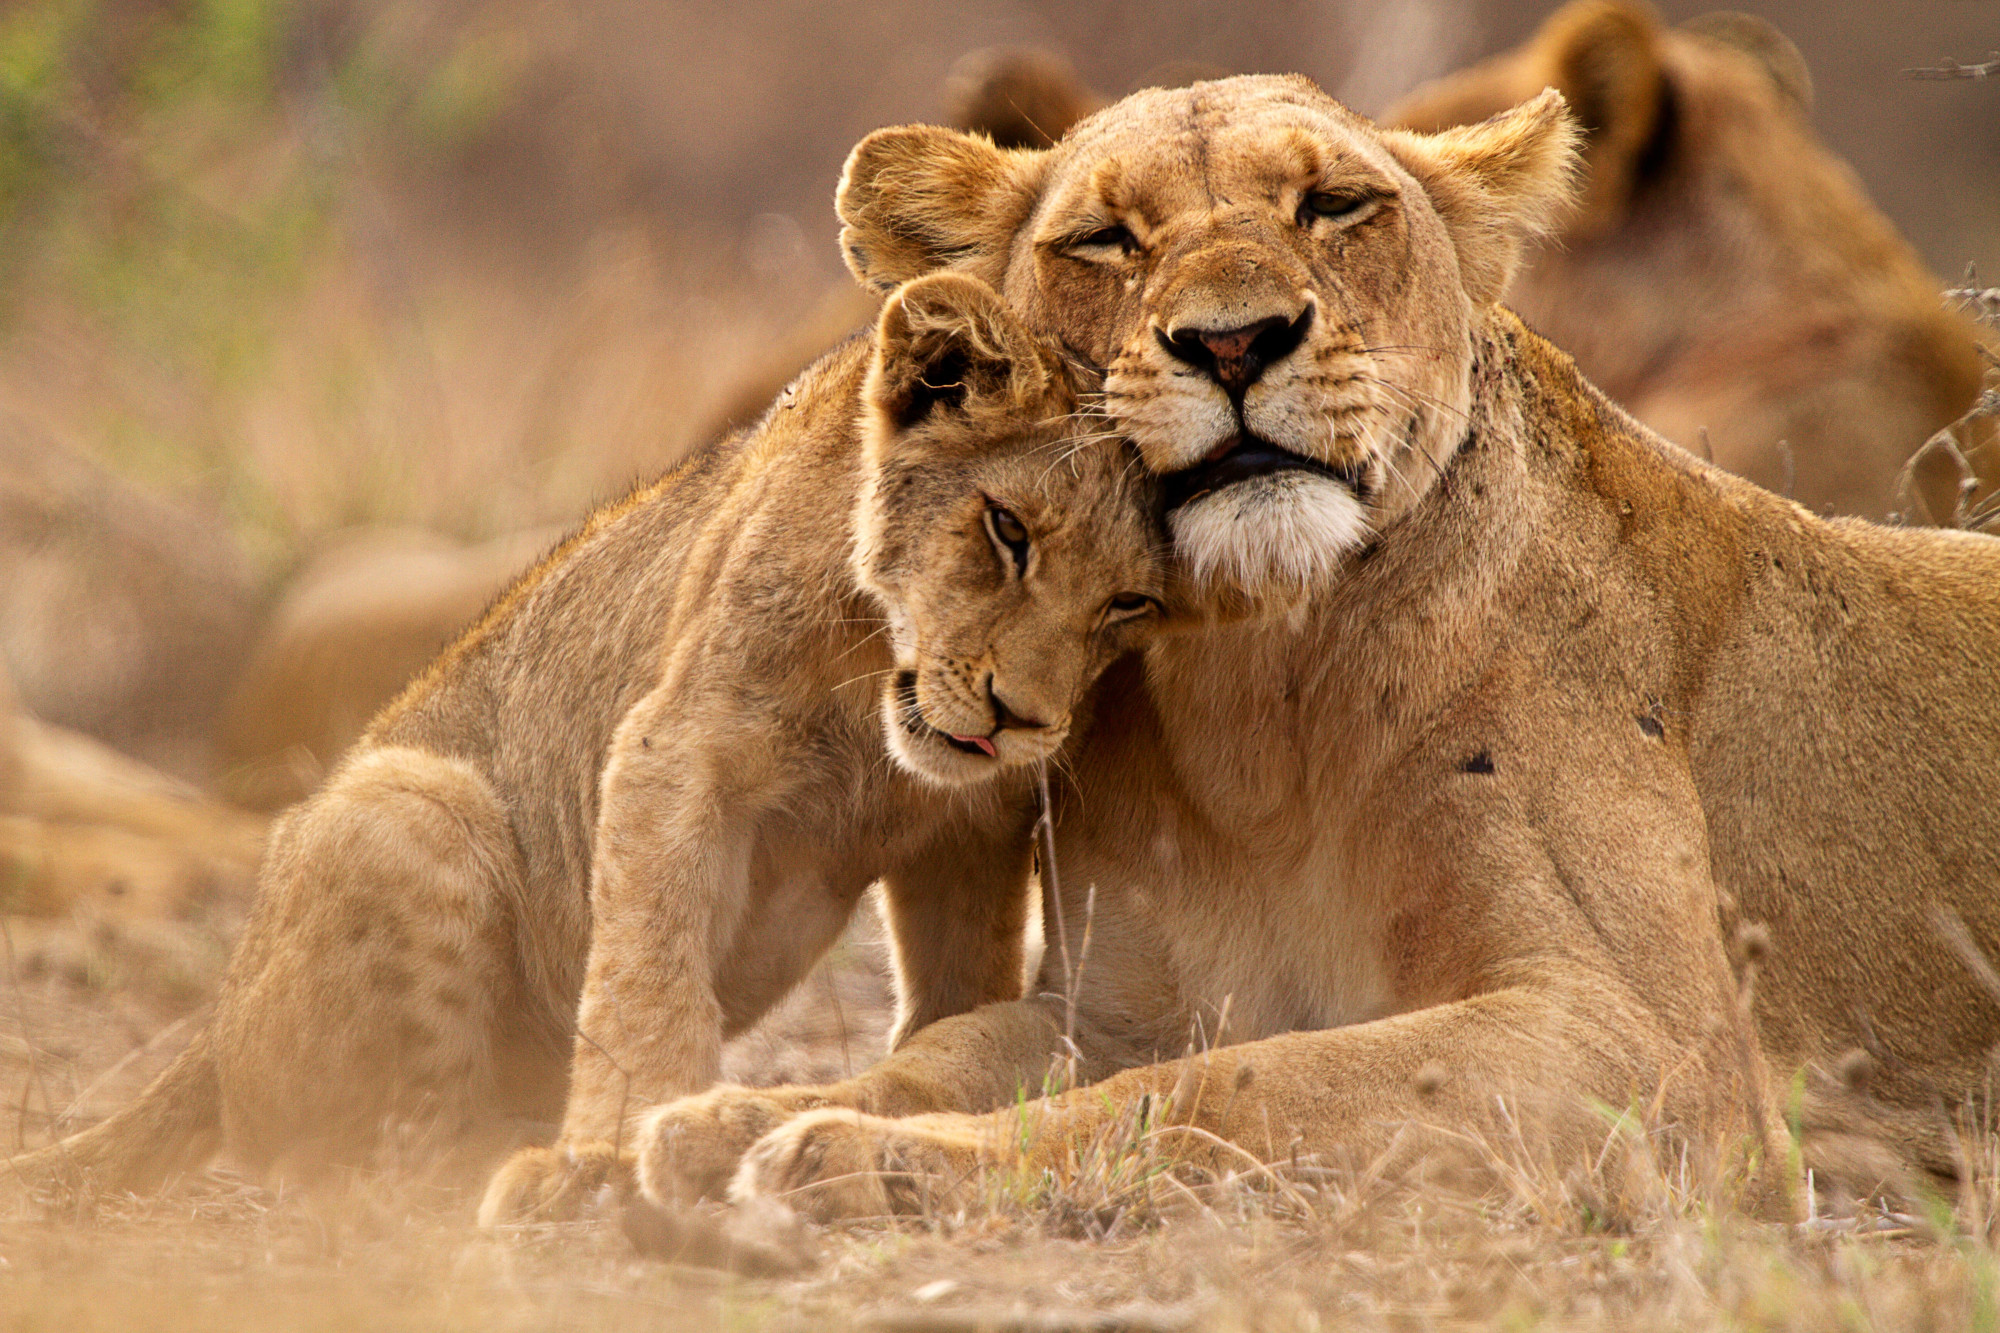 Greater Kruger National Park